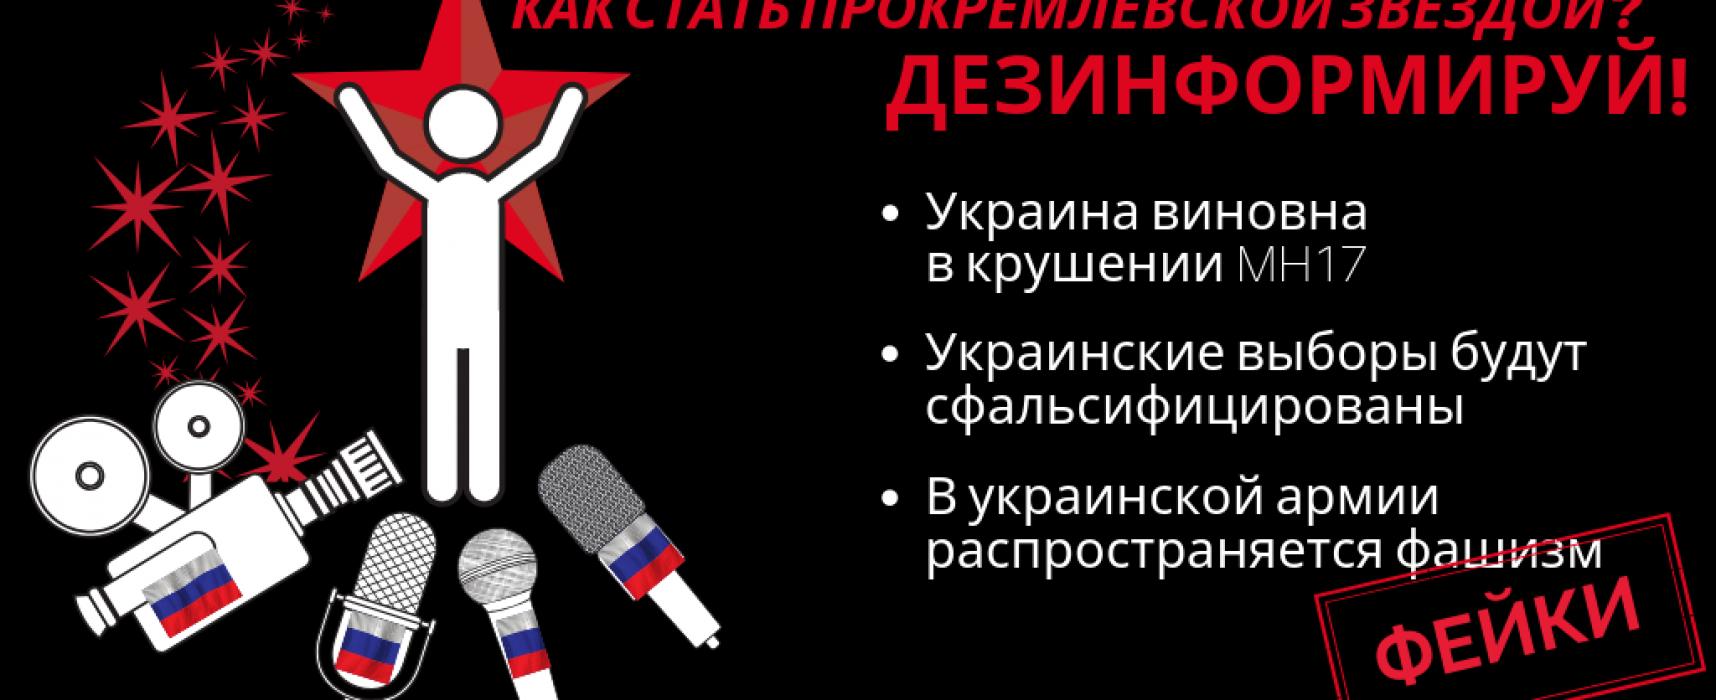 Прокремлевская звезда родилась